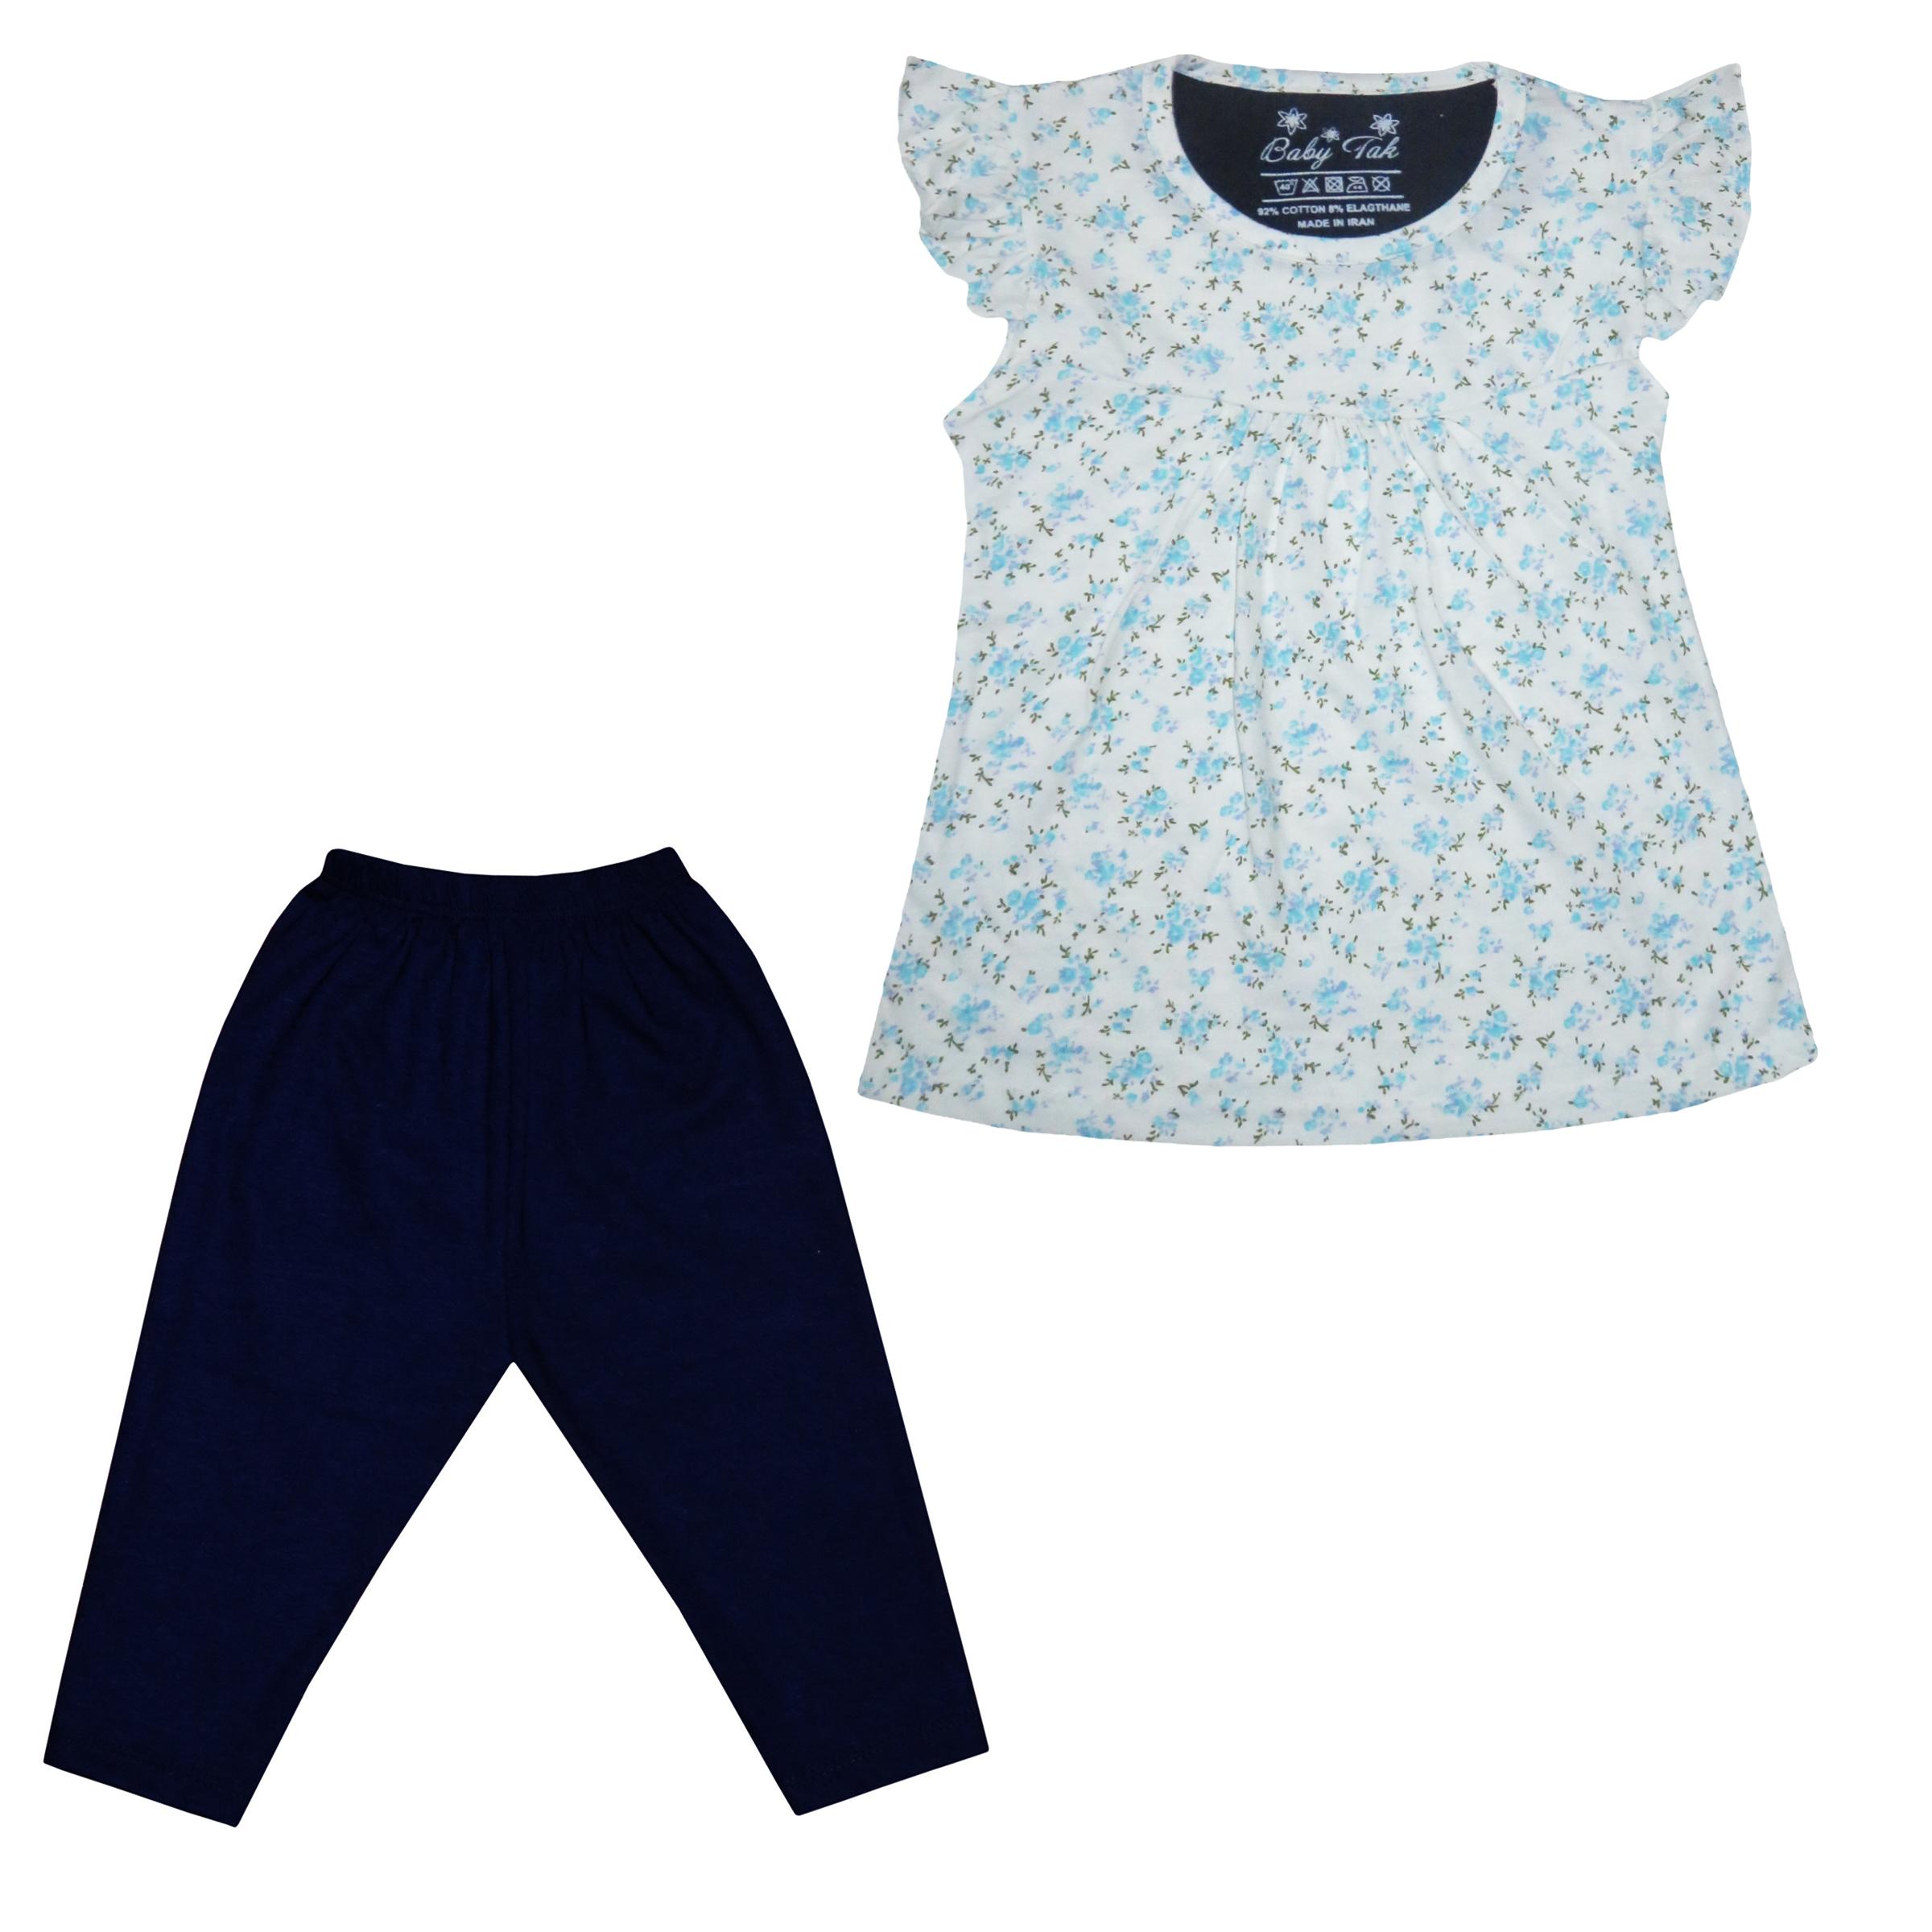 ست تی شرت و شلوارک دخترانه کد 139